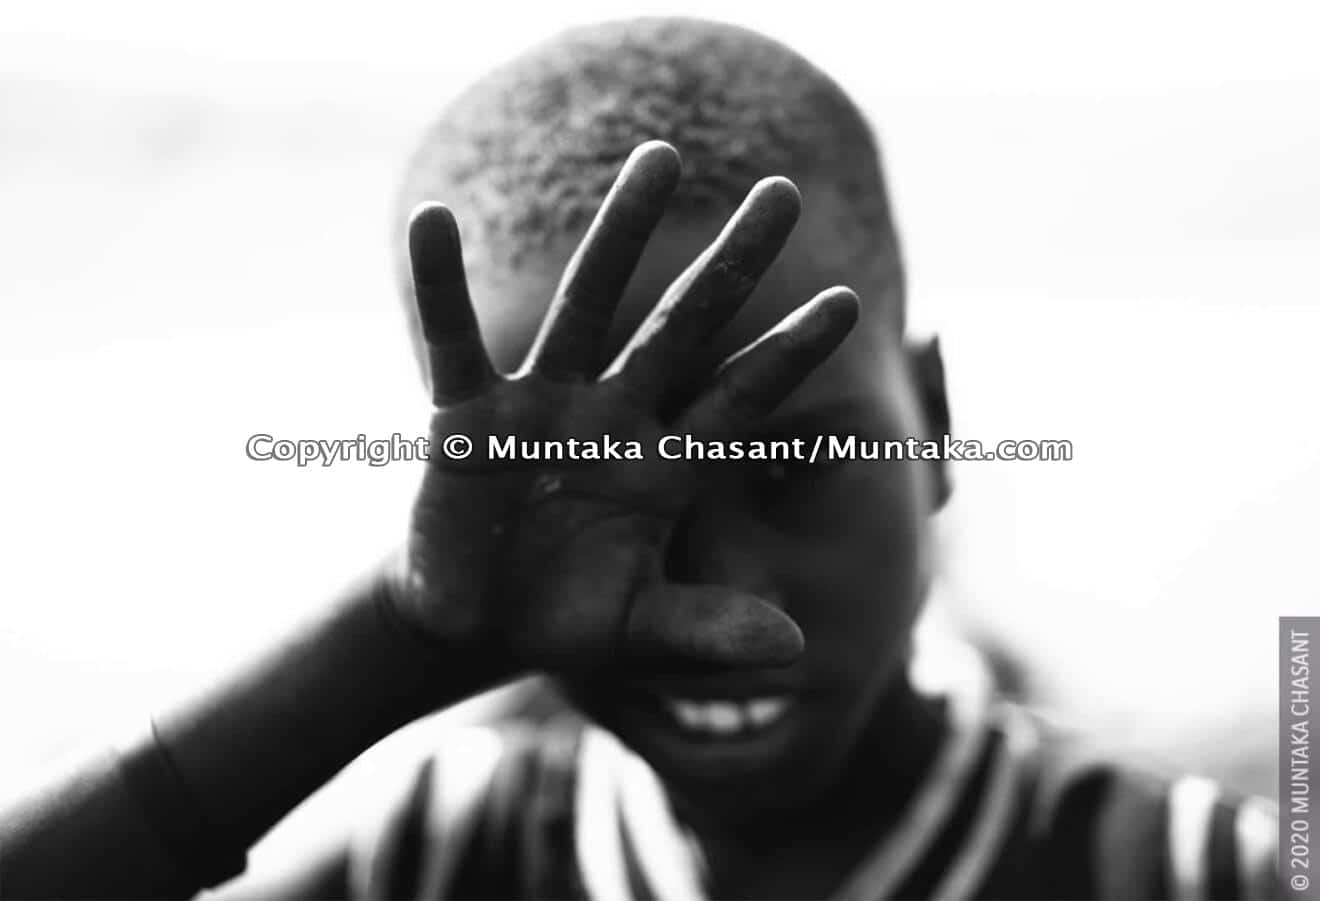 Agbogbloshie children: 9-year-old Kwado is engaged in hazardous child labour at Agbogbloshie, Ghana. © 2020 Muntaka Chasant